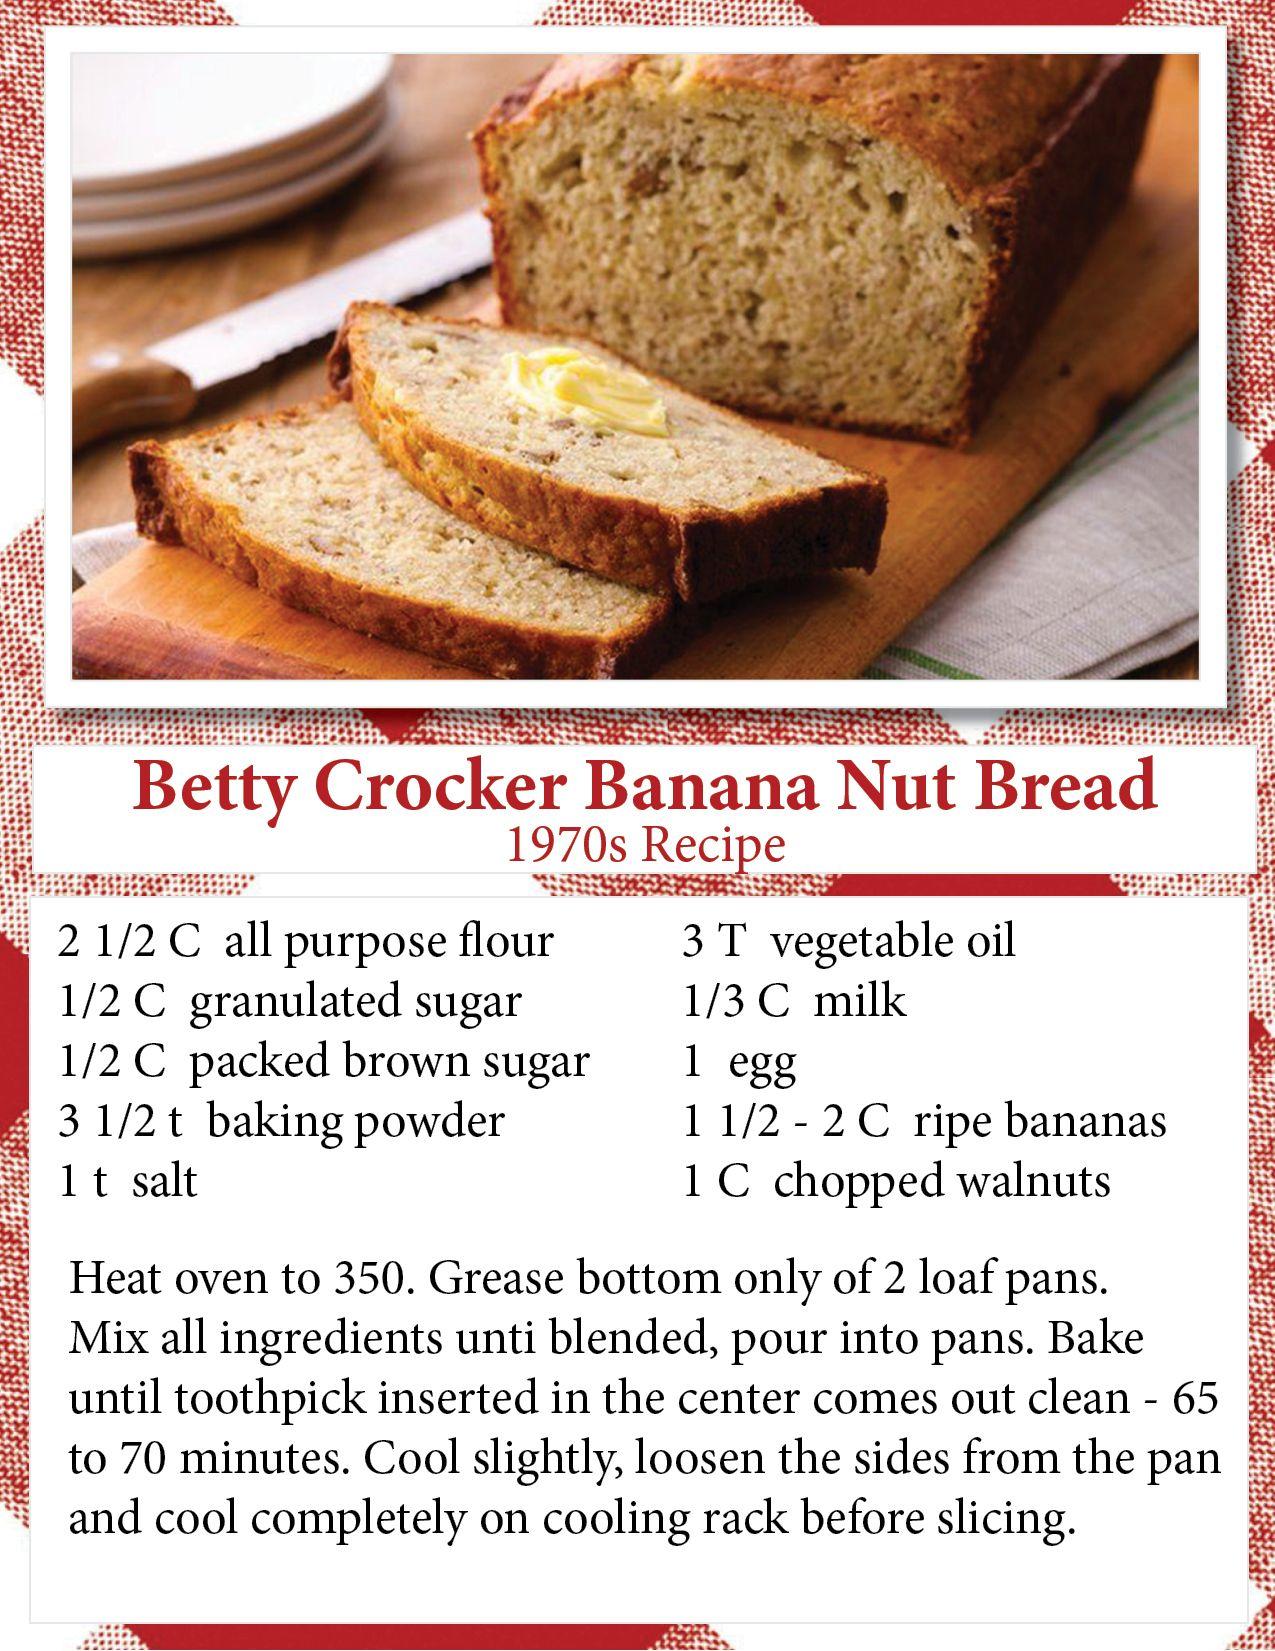 Betty Crocker Cake Mix Banana Bread